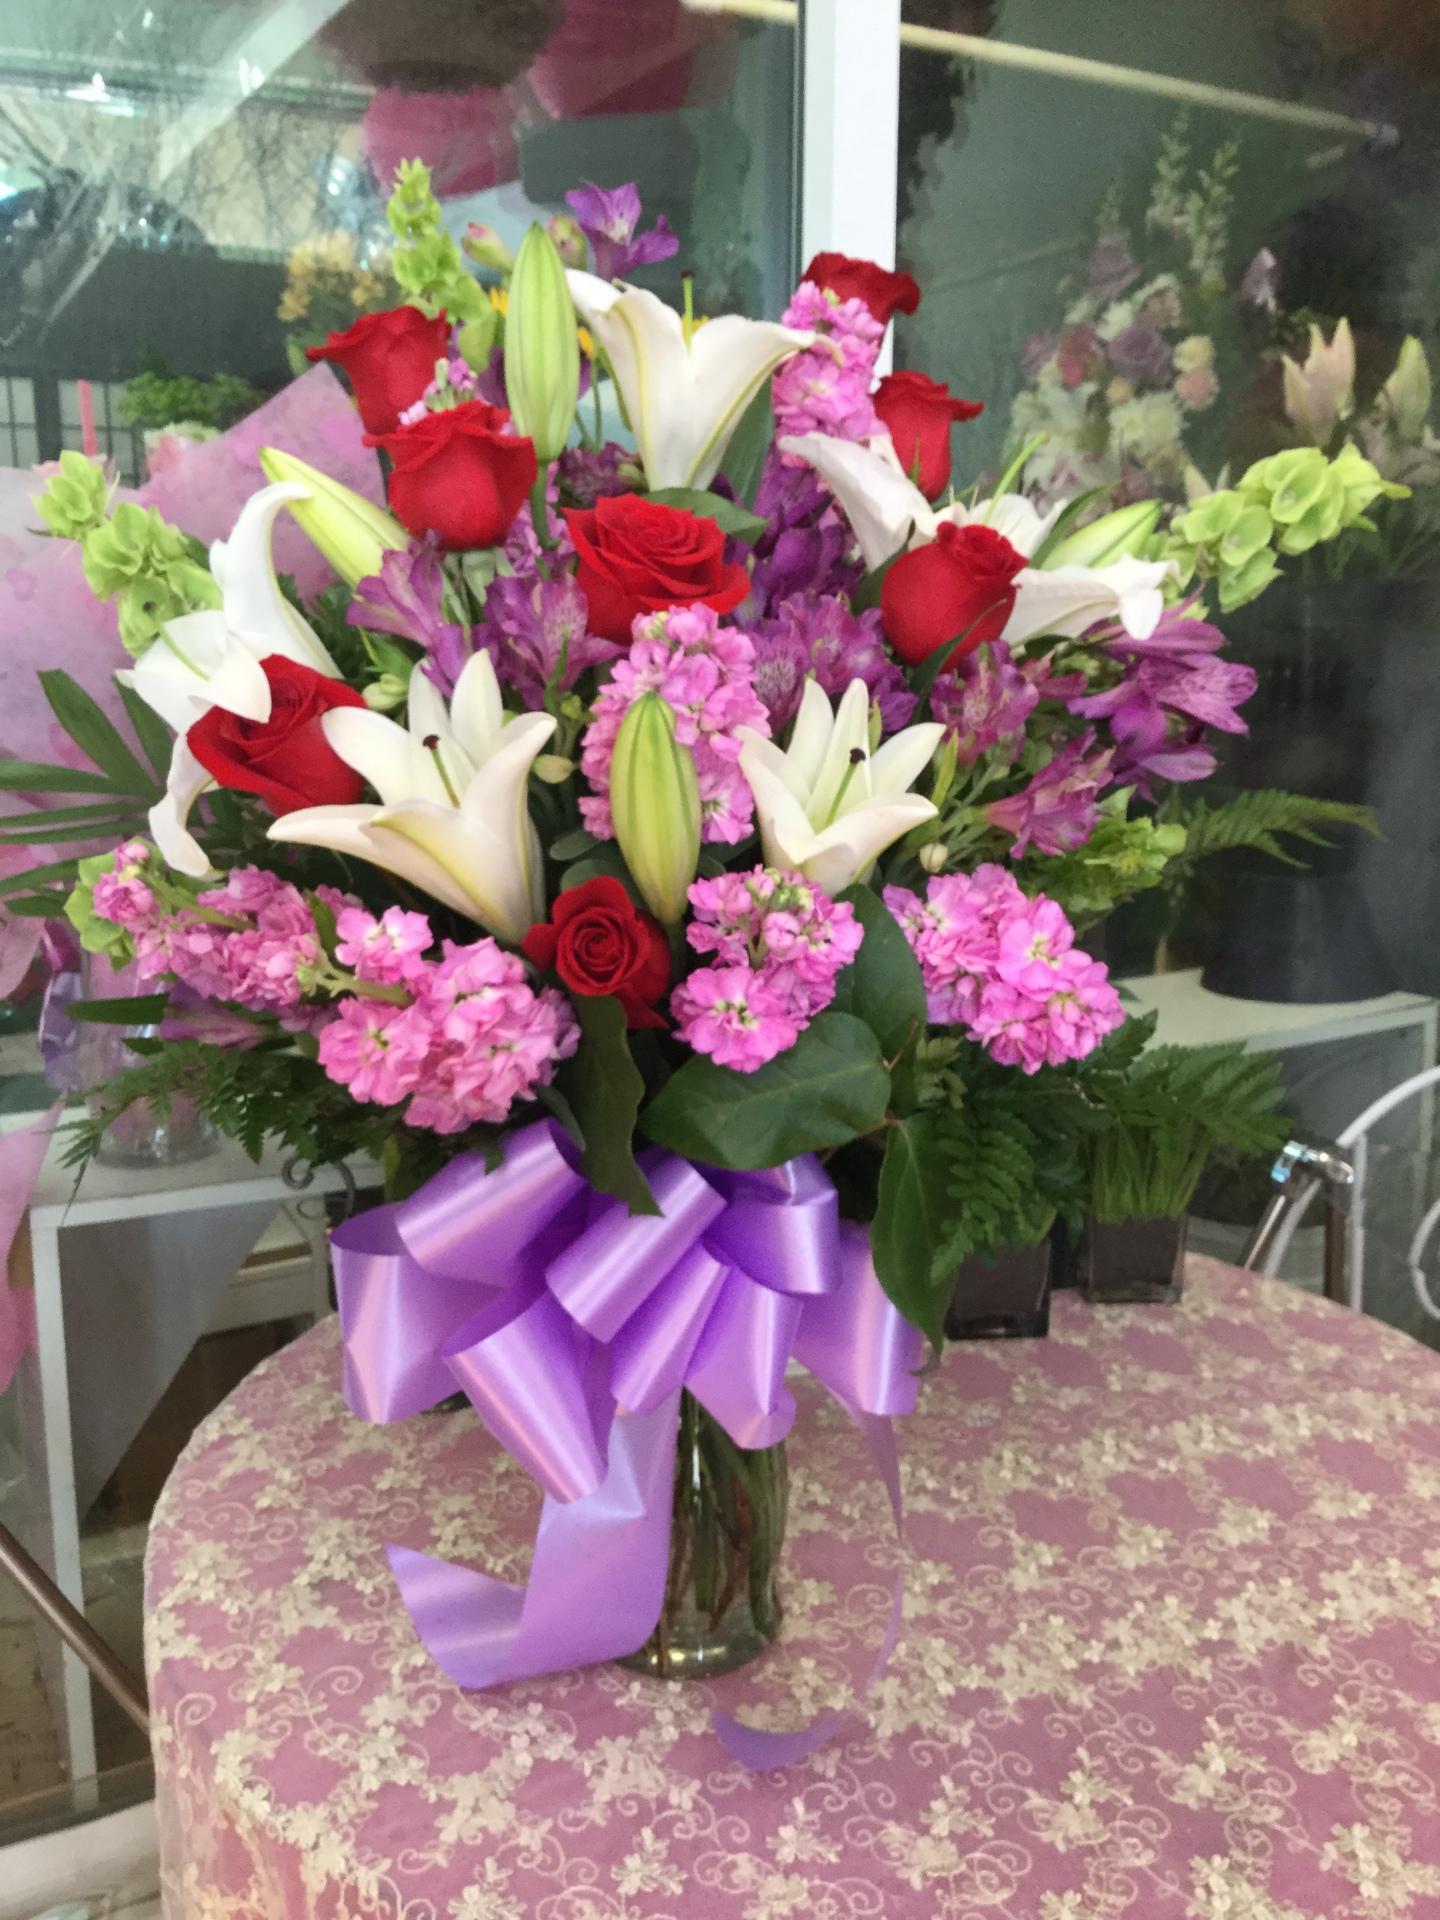 Mixed Flower Arrangement in Vase